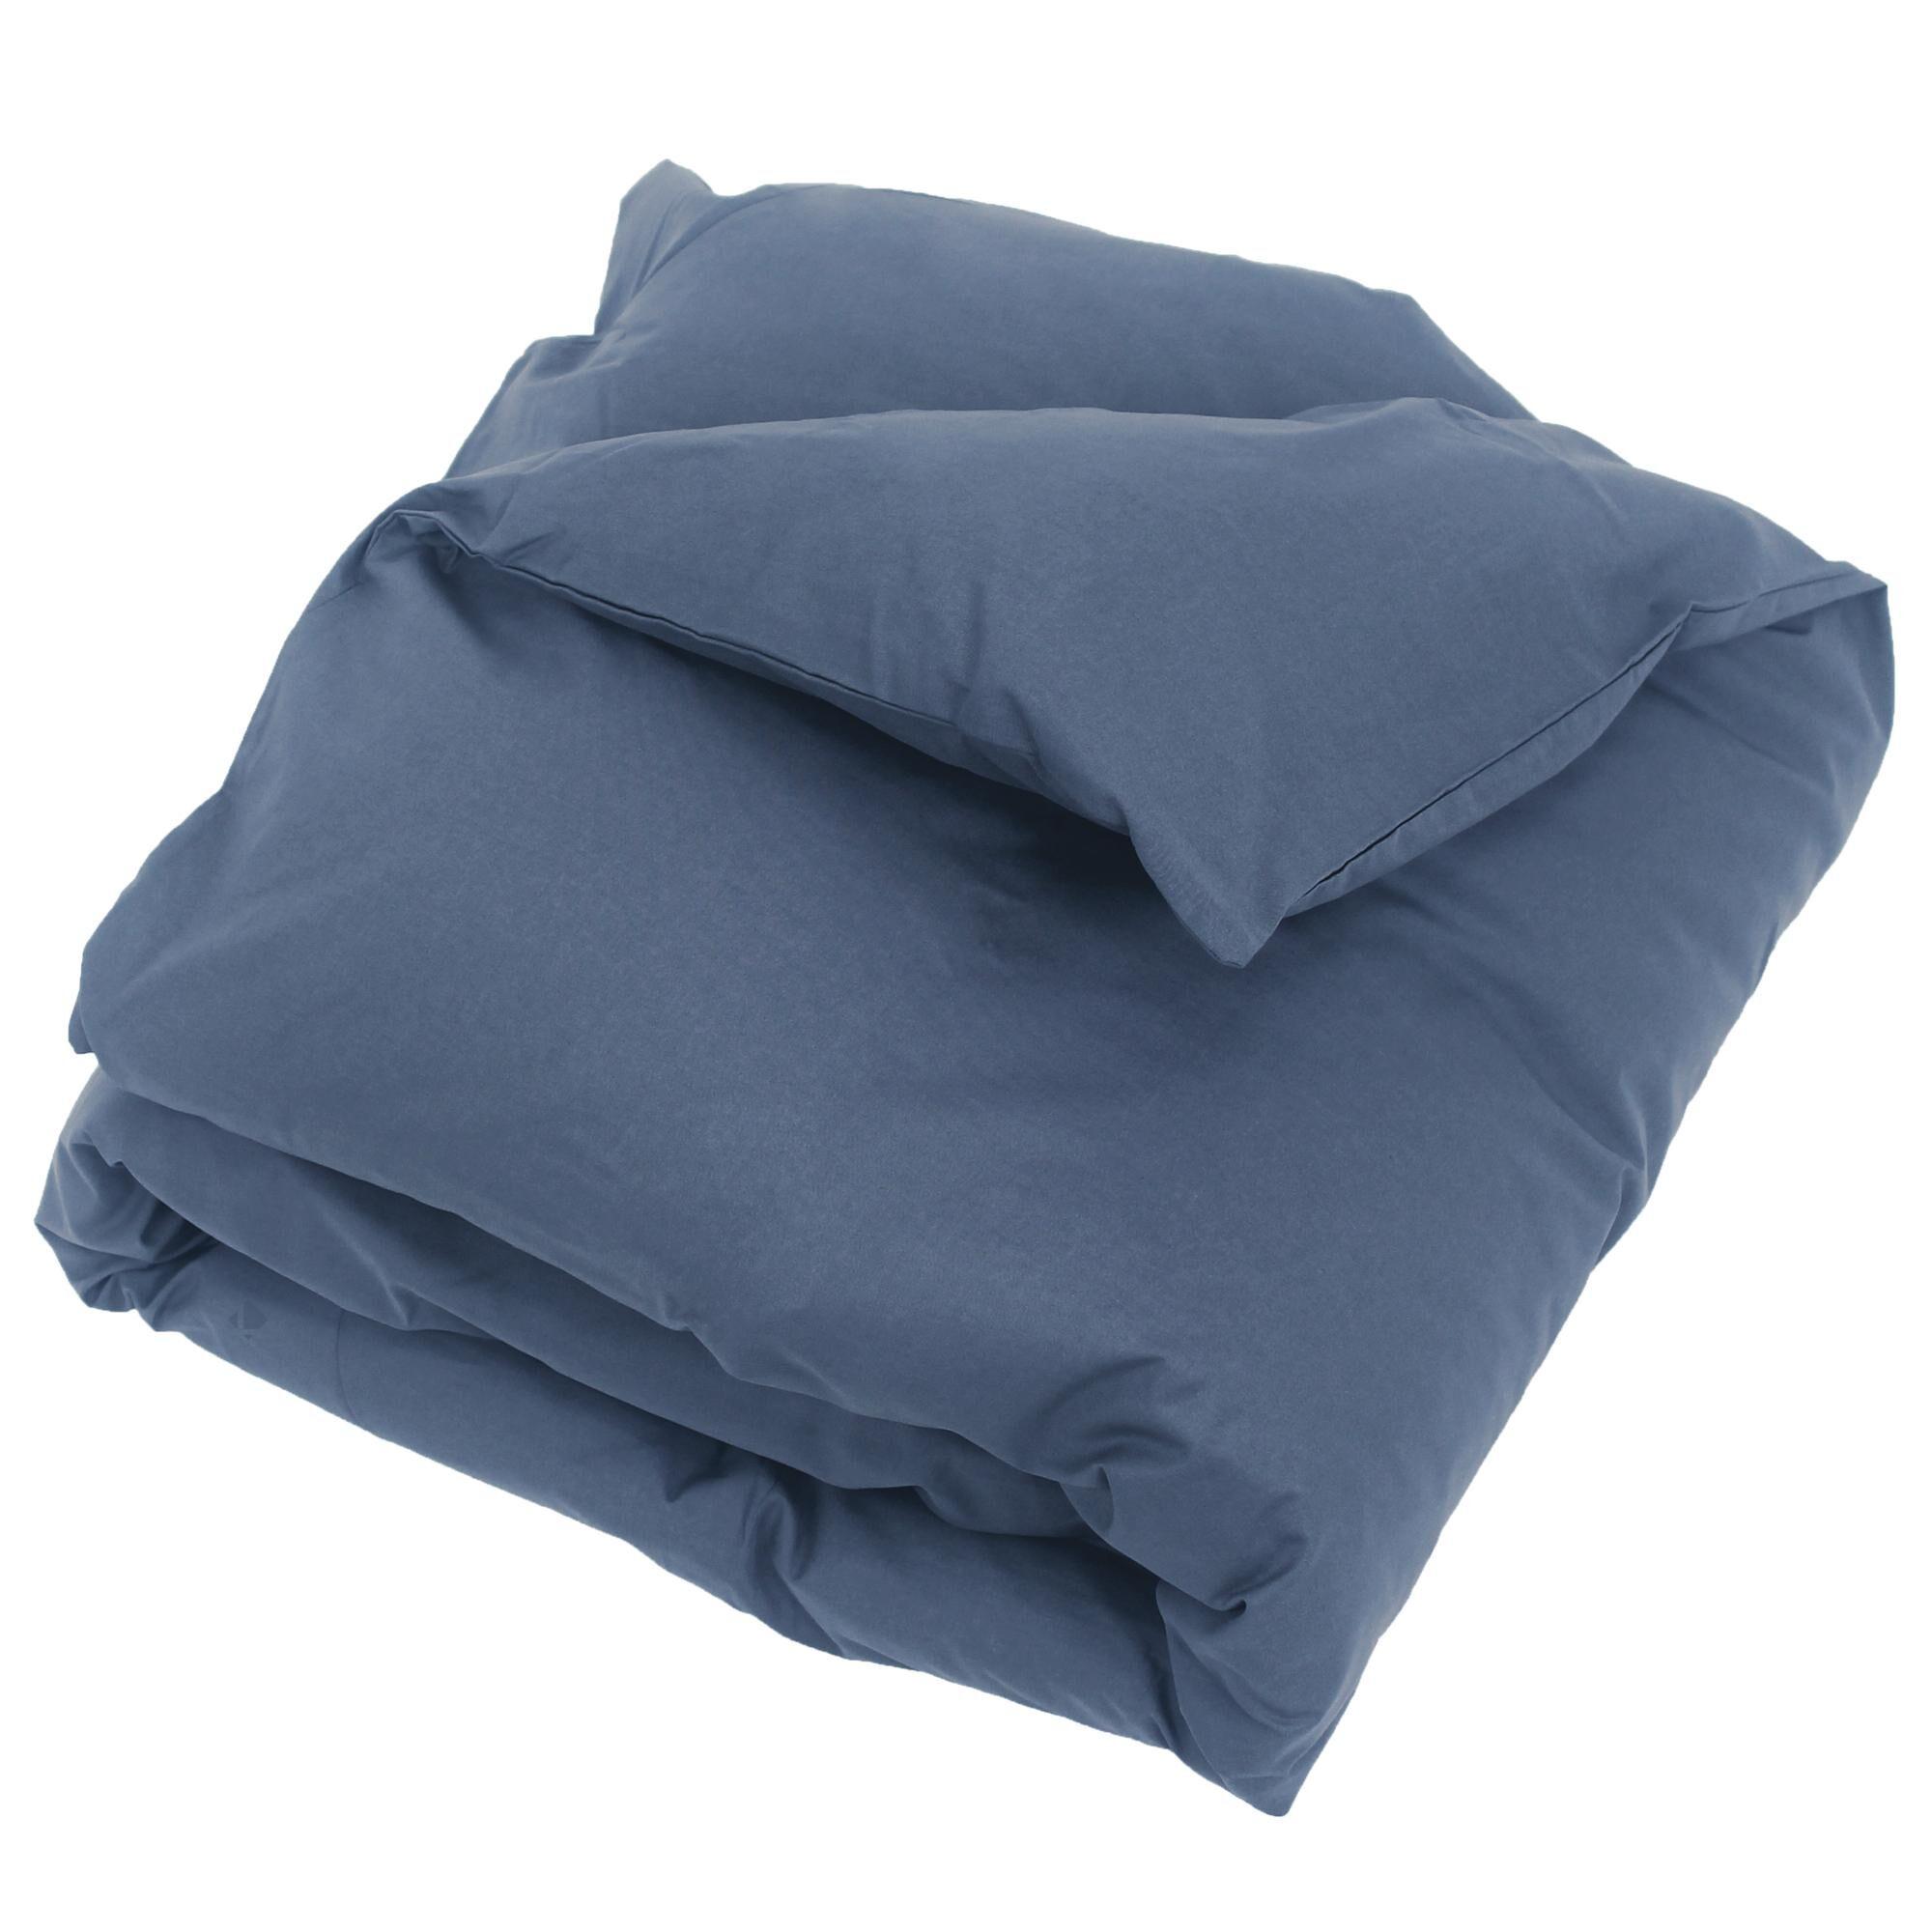 Linnea Housse de couette uni 140x200 cm 100% coton ALTO bleu Jean